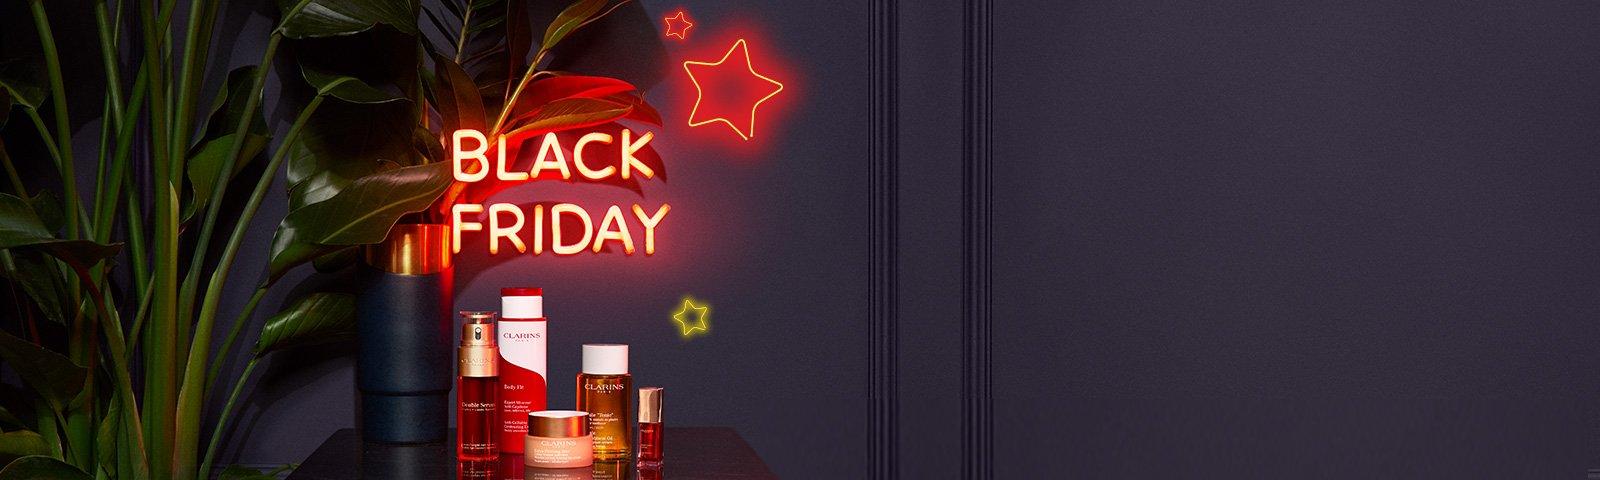 Black Friday 30% off deals